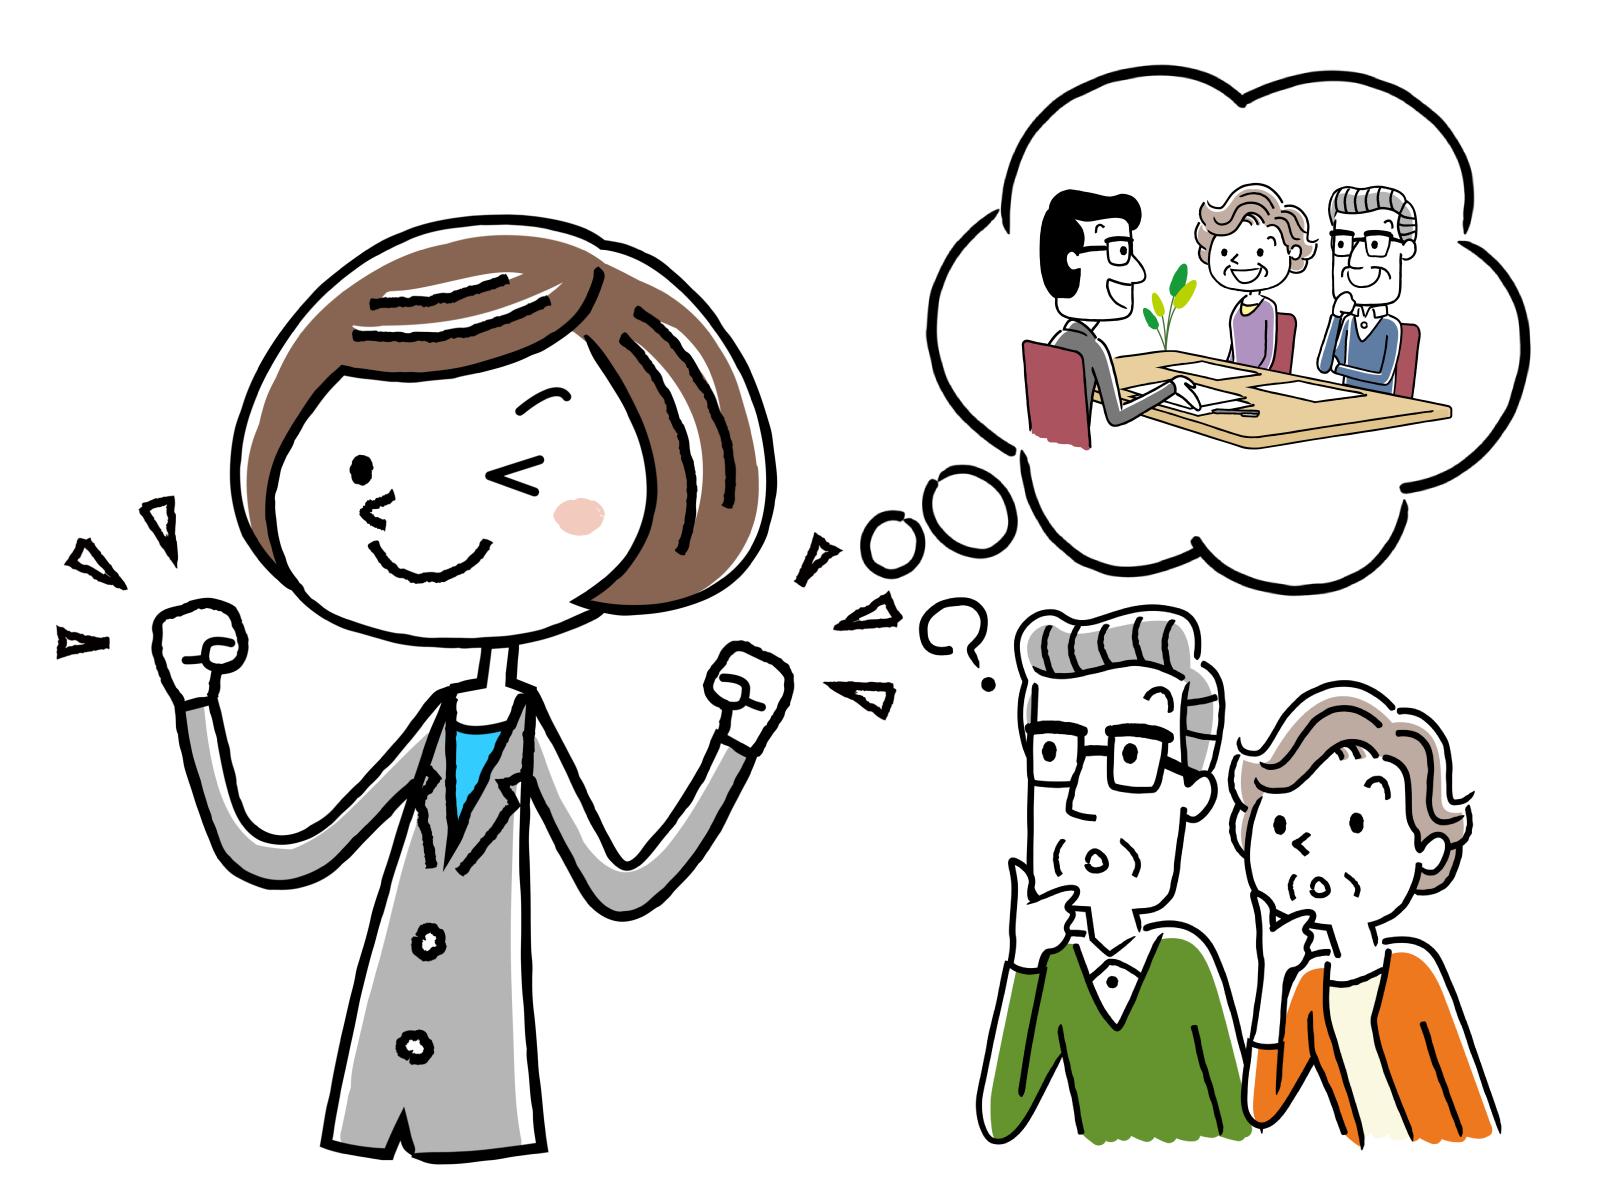 生活相談員の必要な資格や仕事内容についてのイメージイラスト